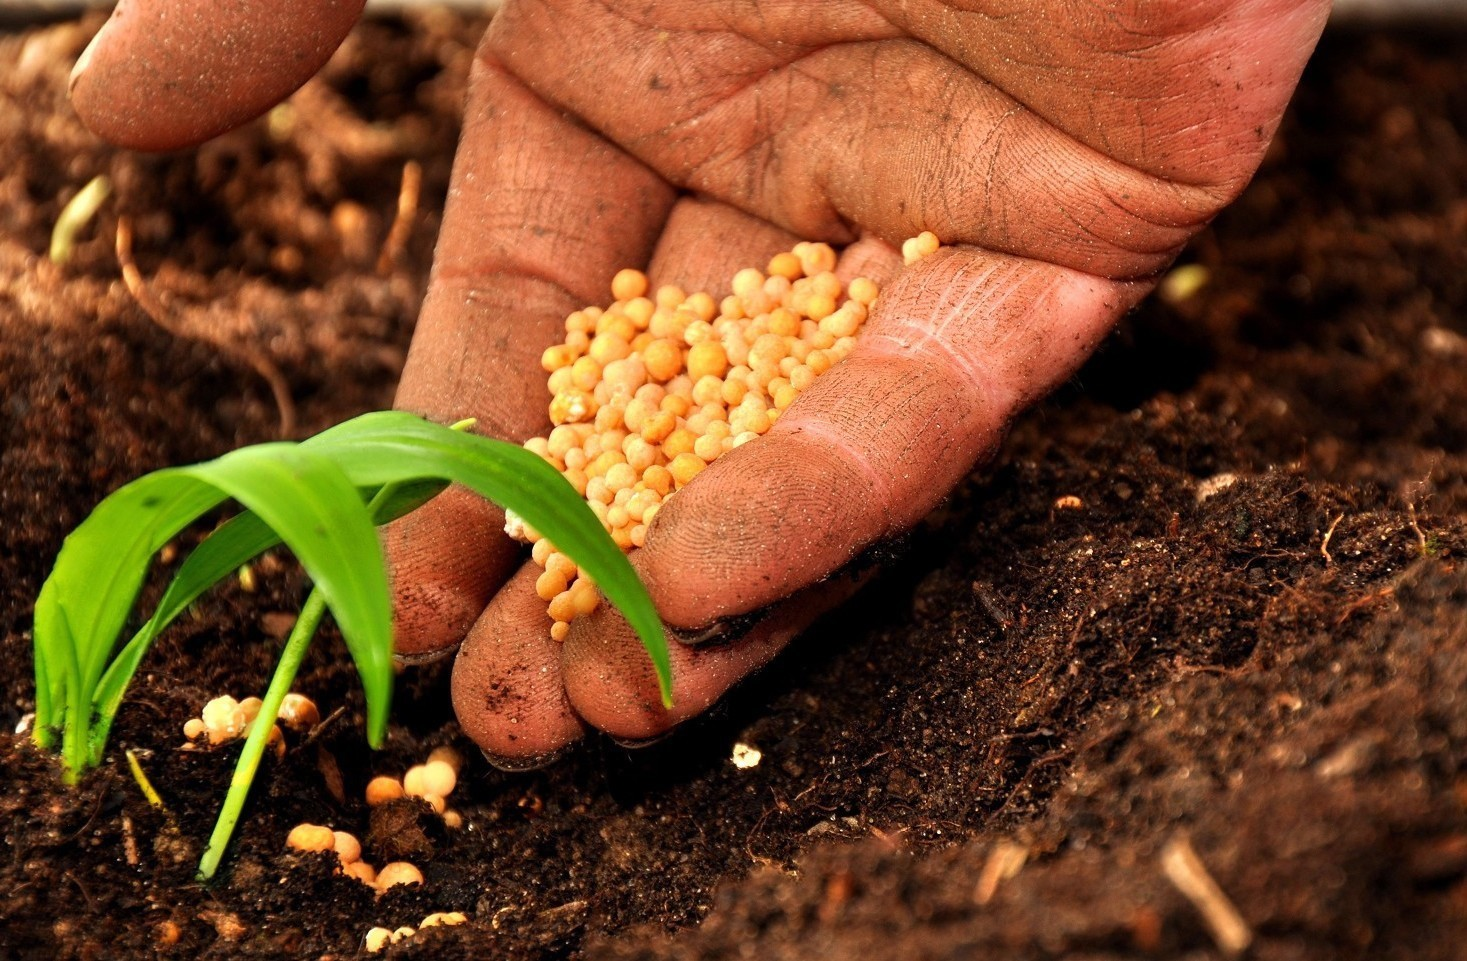 Lavorare nel settore agricolo, contratto CCNL come funziona